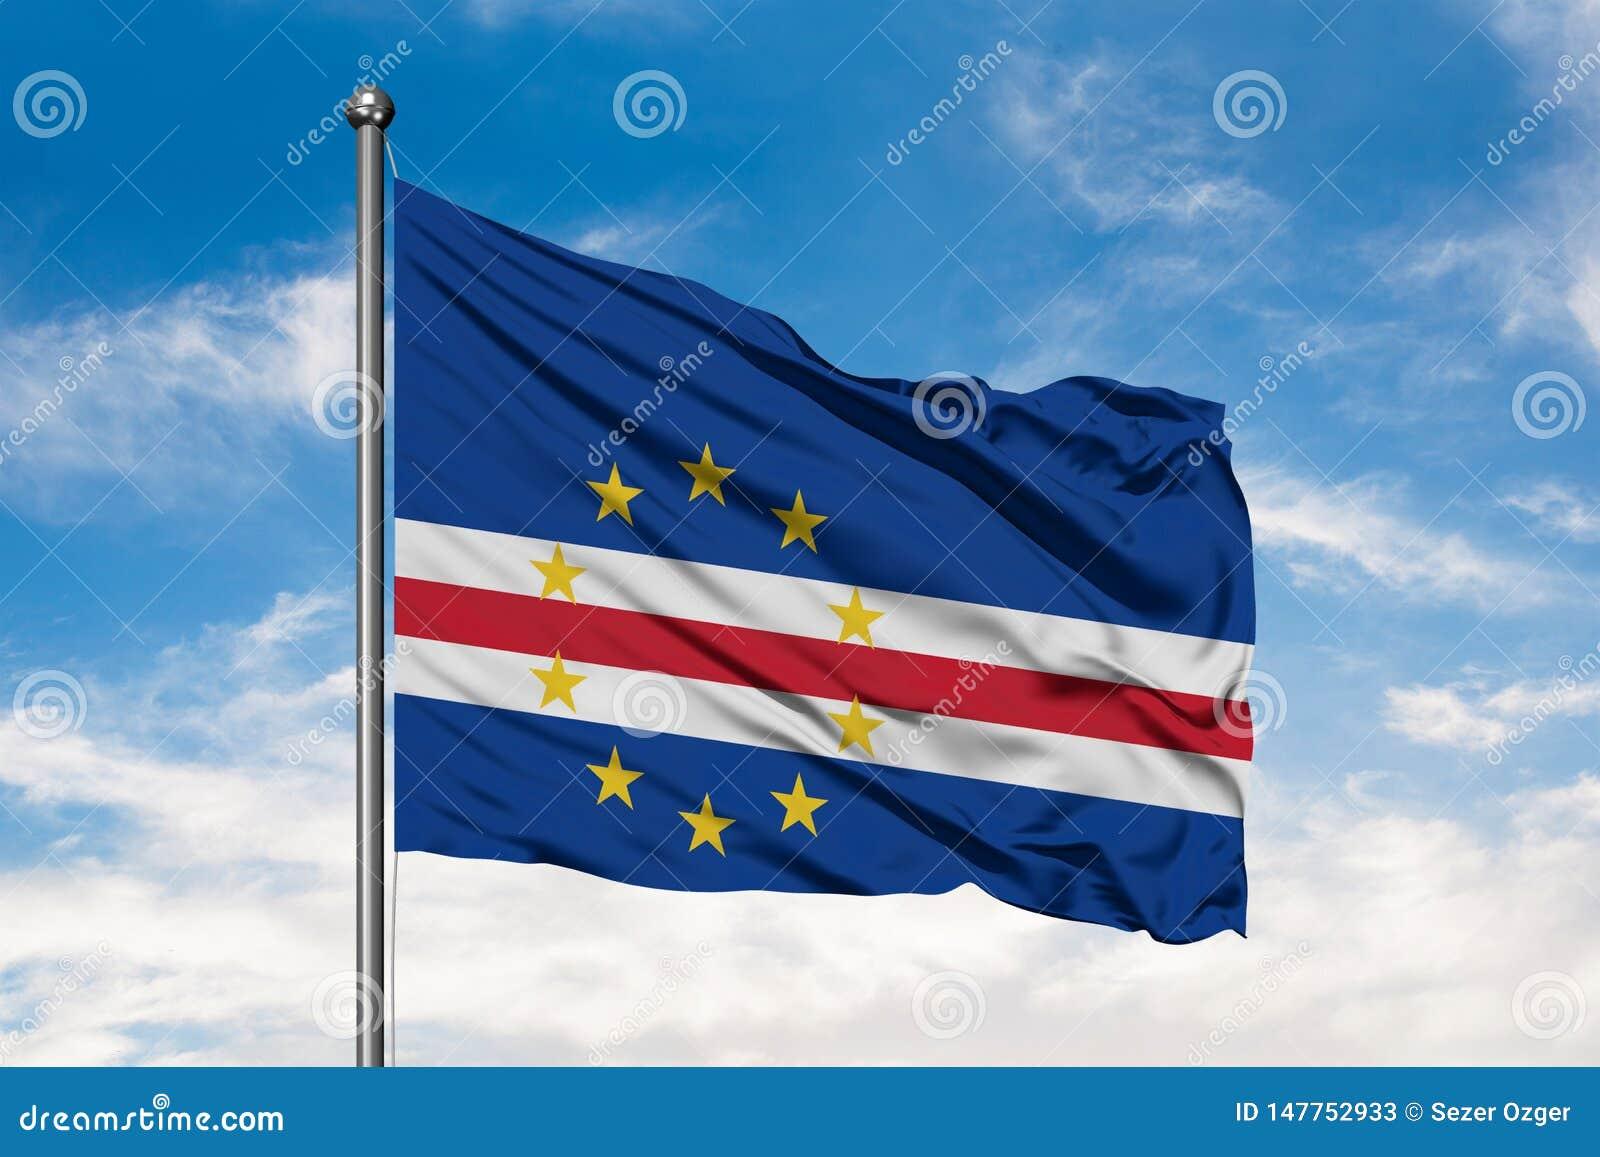 Flaga przylądka Verde wyspy macha w wiatrze przeciw białemu chmurnemu niebieskiemu niebu Przyl?dka Verdean flaga